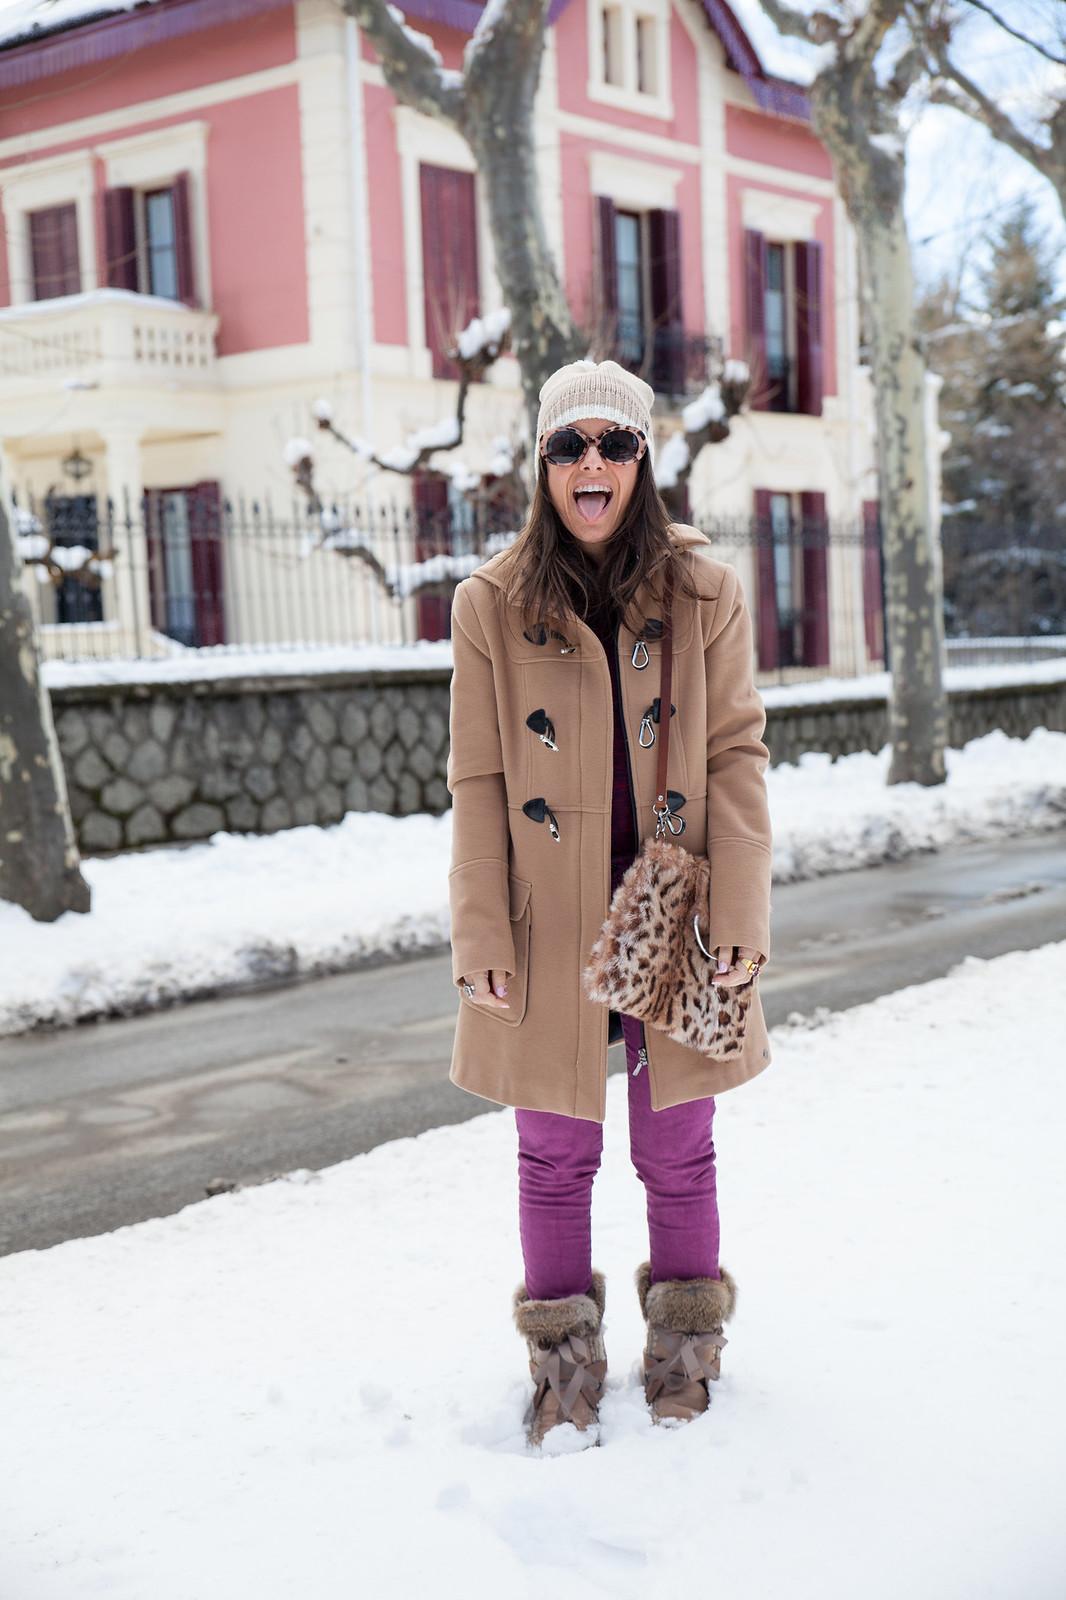 como ir vestida a la nieve arreglada con un look magenta abrigo en color nude estilo parka mou boots theguestgirl the guest girl fashion influencer barcelona parfois streetstyle fashion week leopard